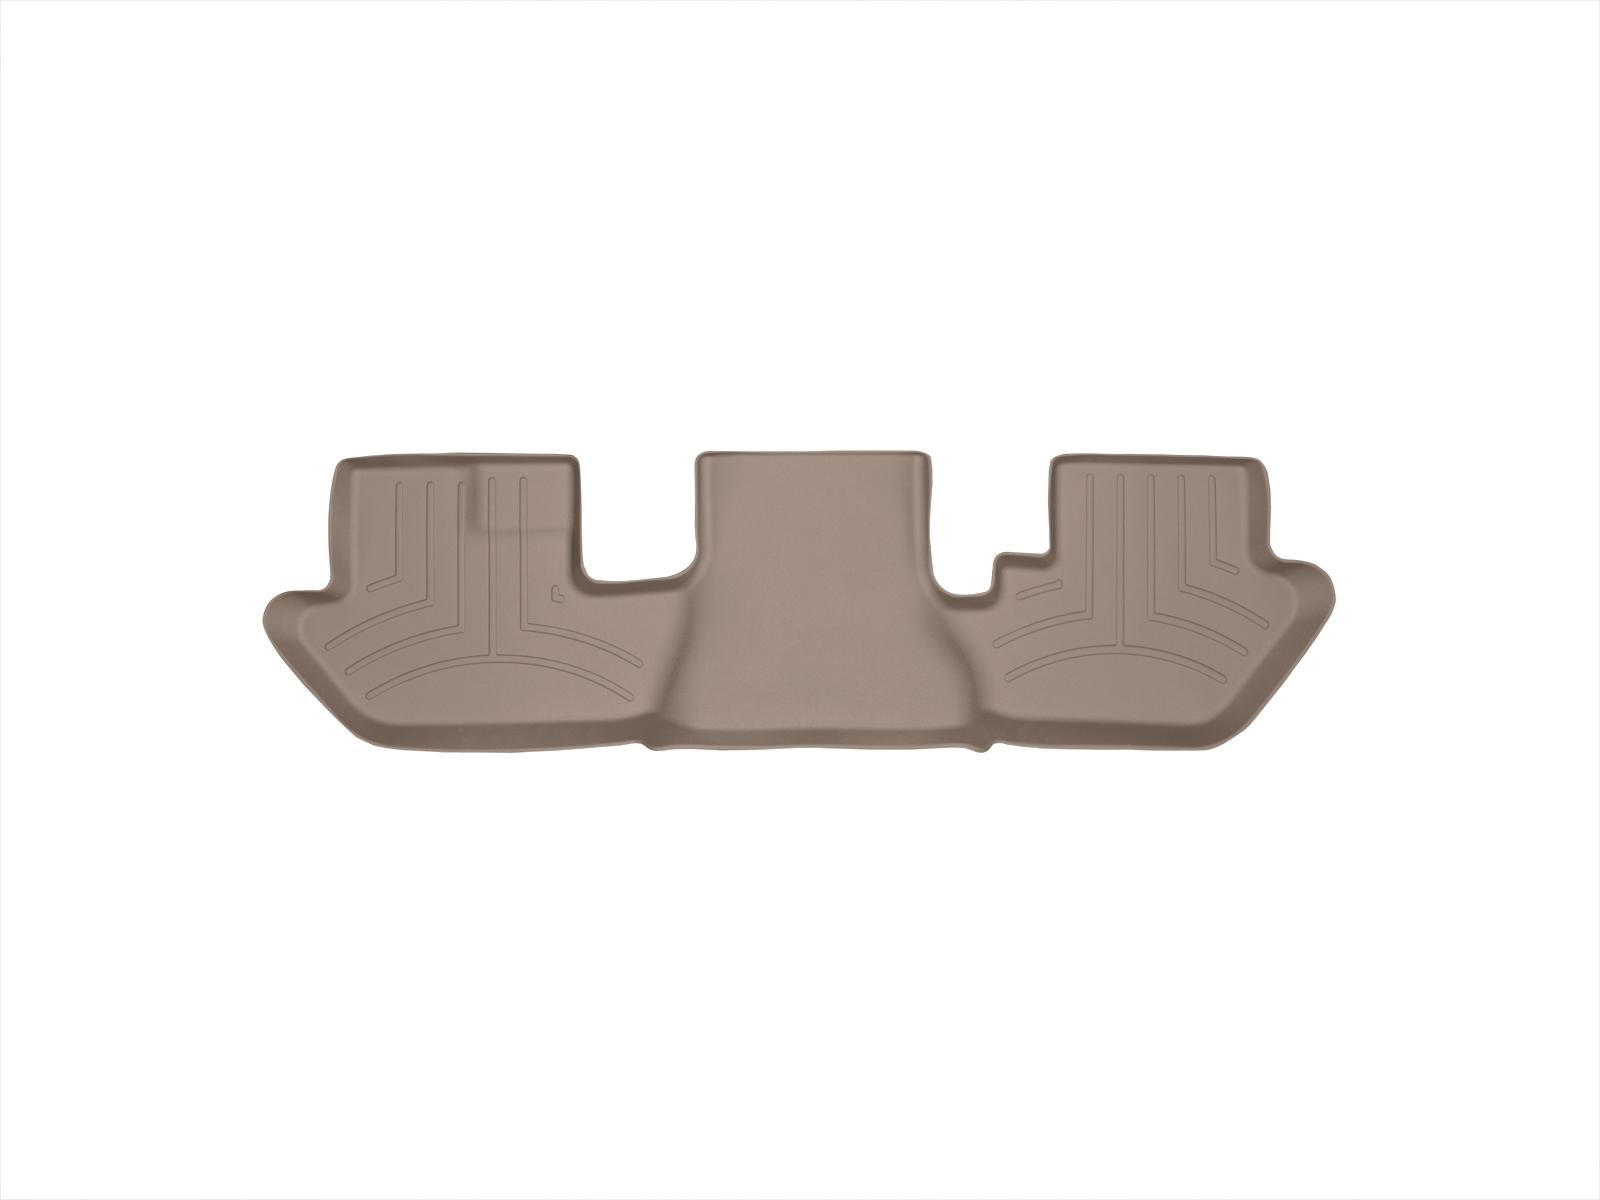 Tappeti gomma su misura bordo alto Cadillac Escalade ESV 03>06 Marrone A36*